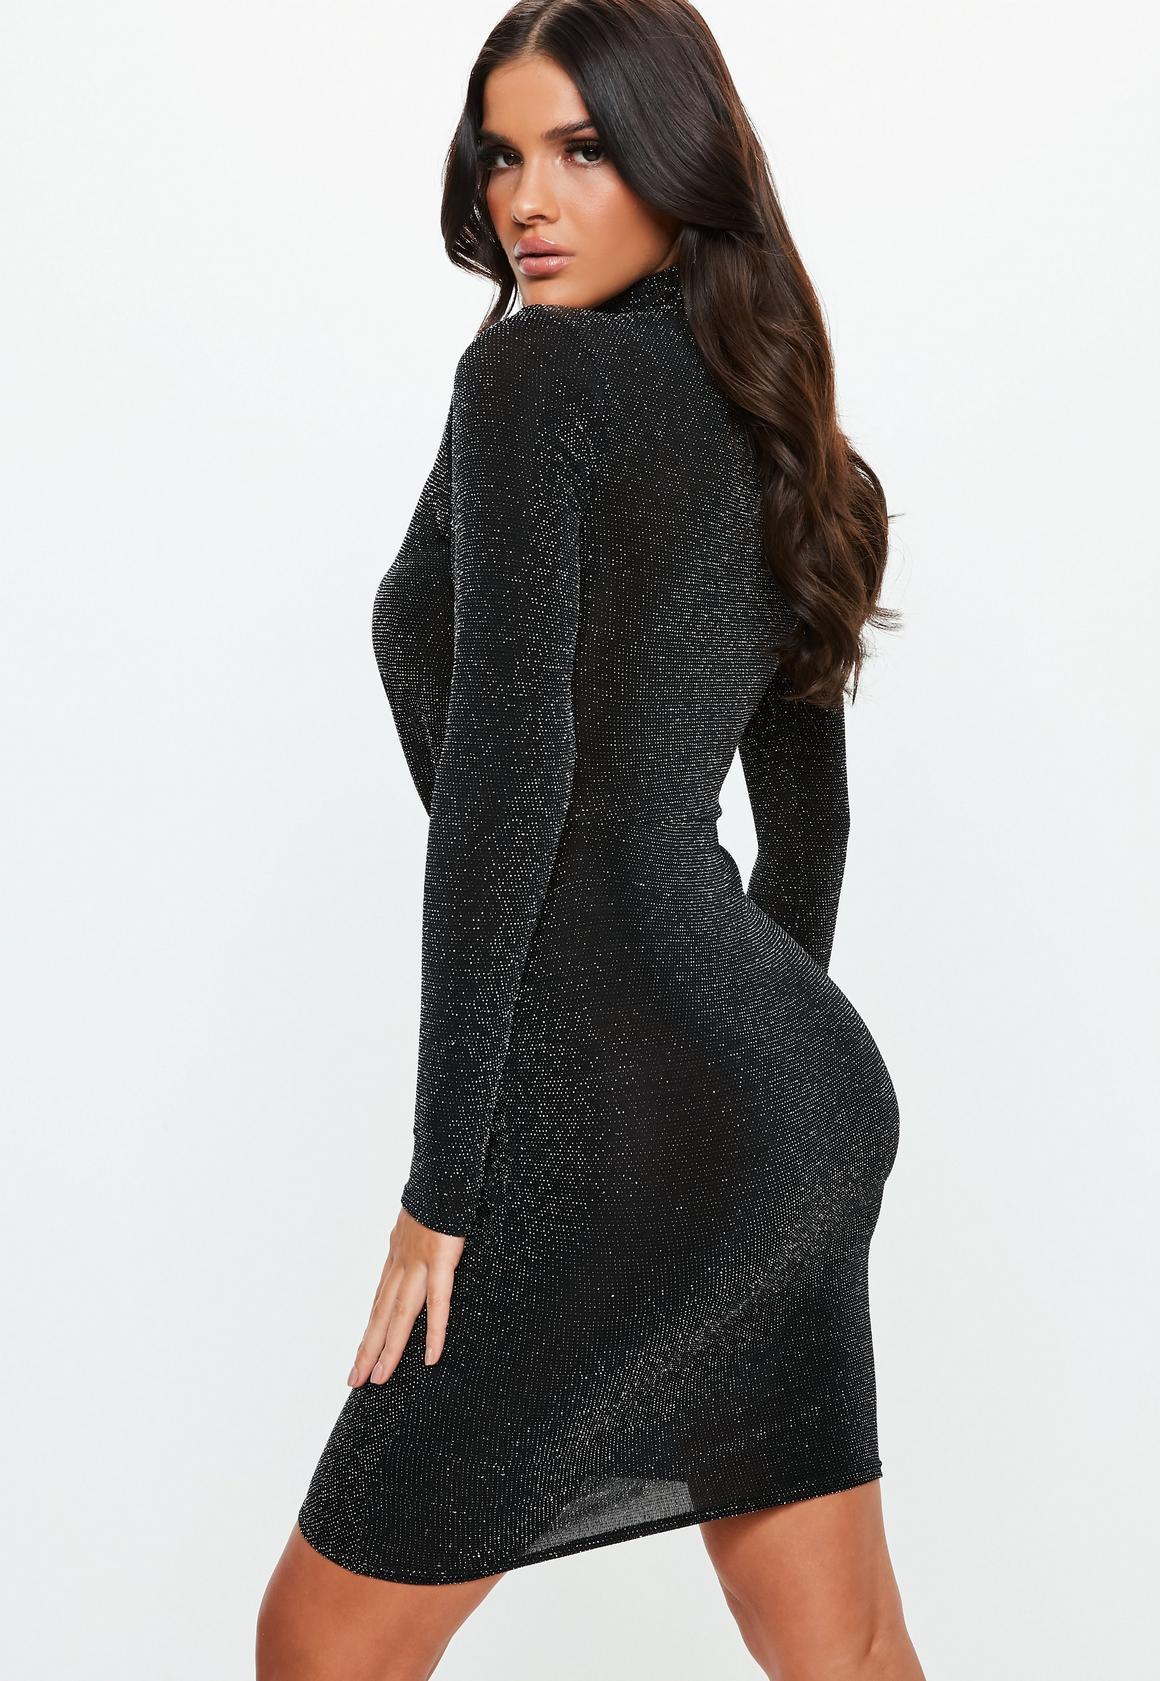 Missguided - robe courte e brillante à découpes et col haut - 4